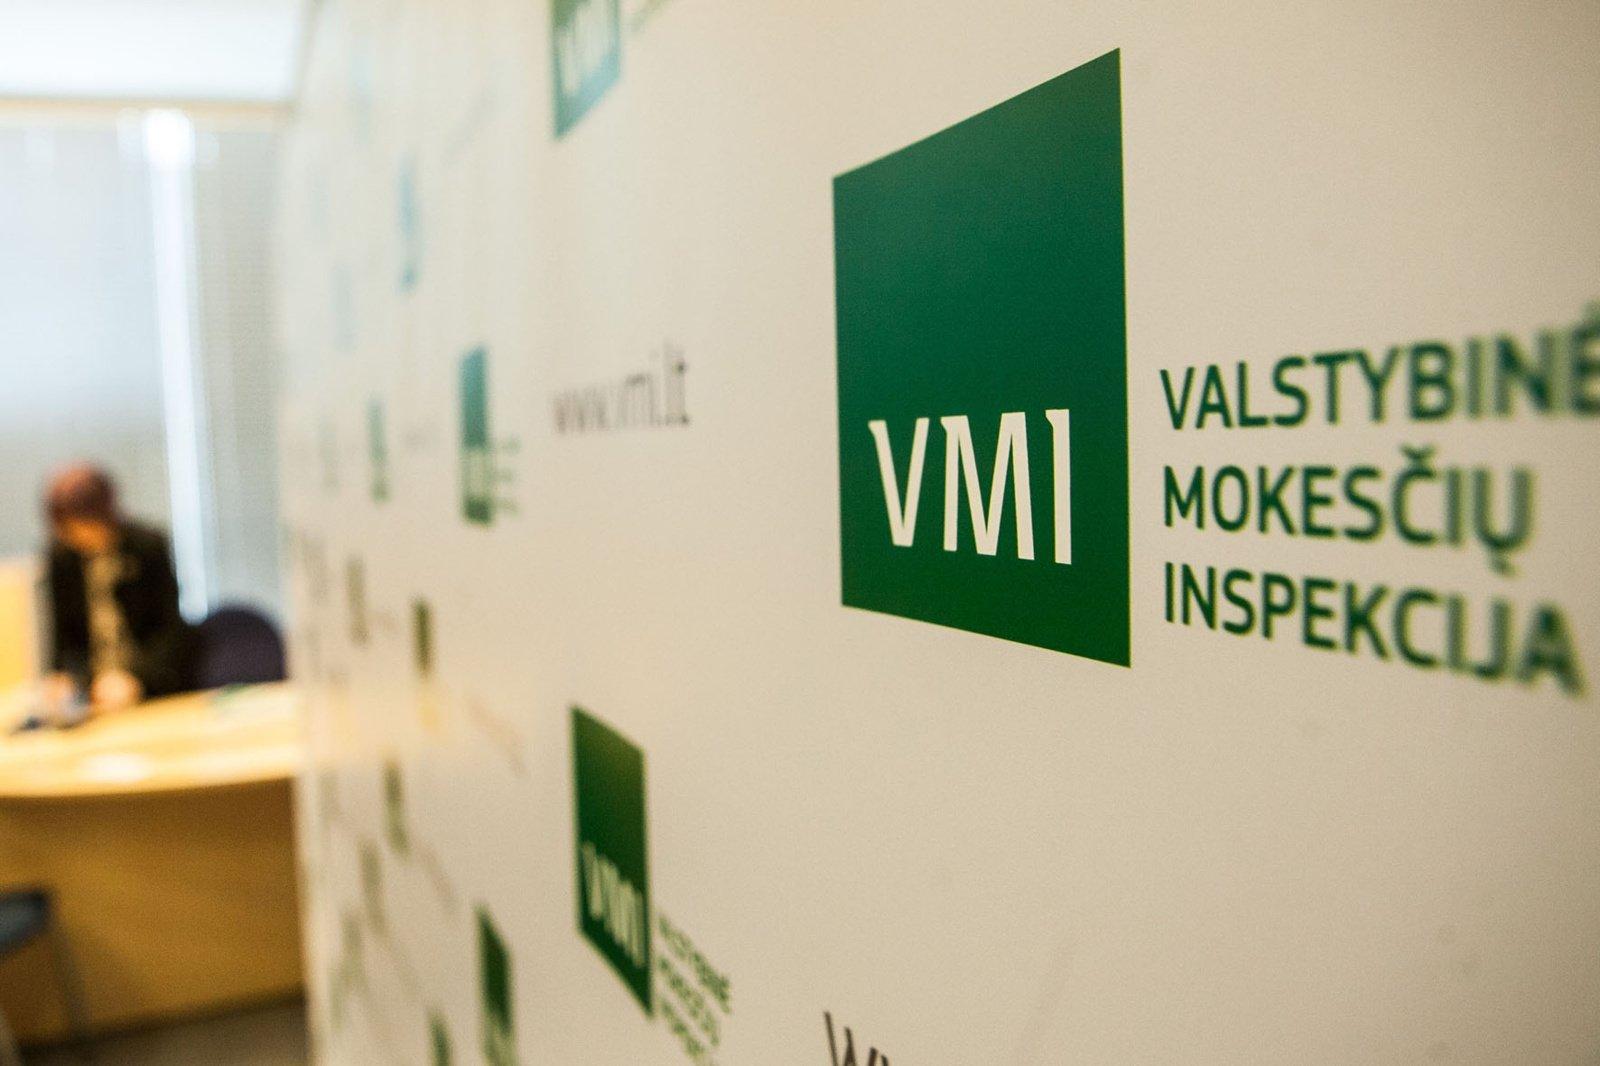 VMI primena: nuo gegužės 1 d. parduoti galima tik SDK turinčias transporto priemones